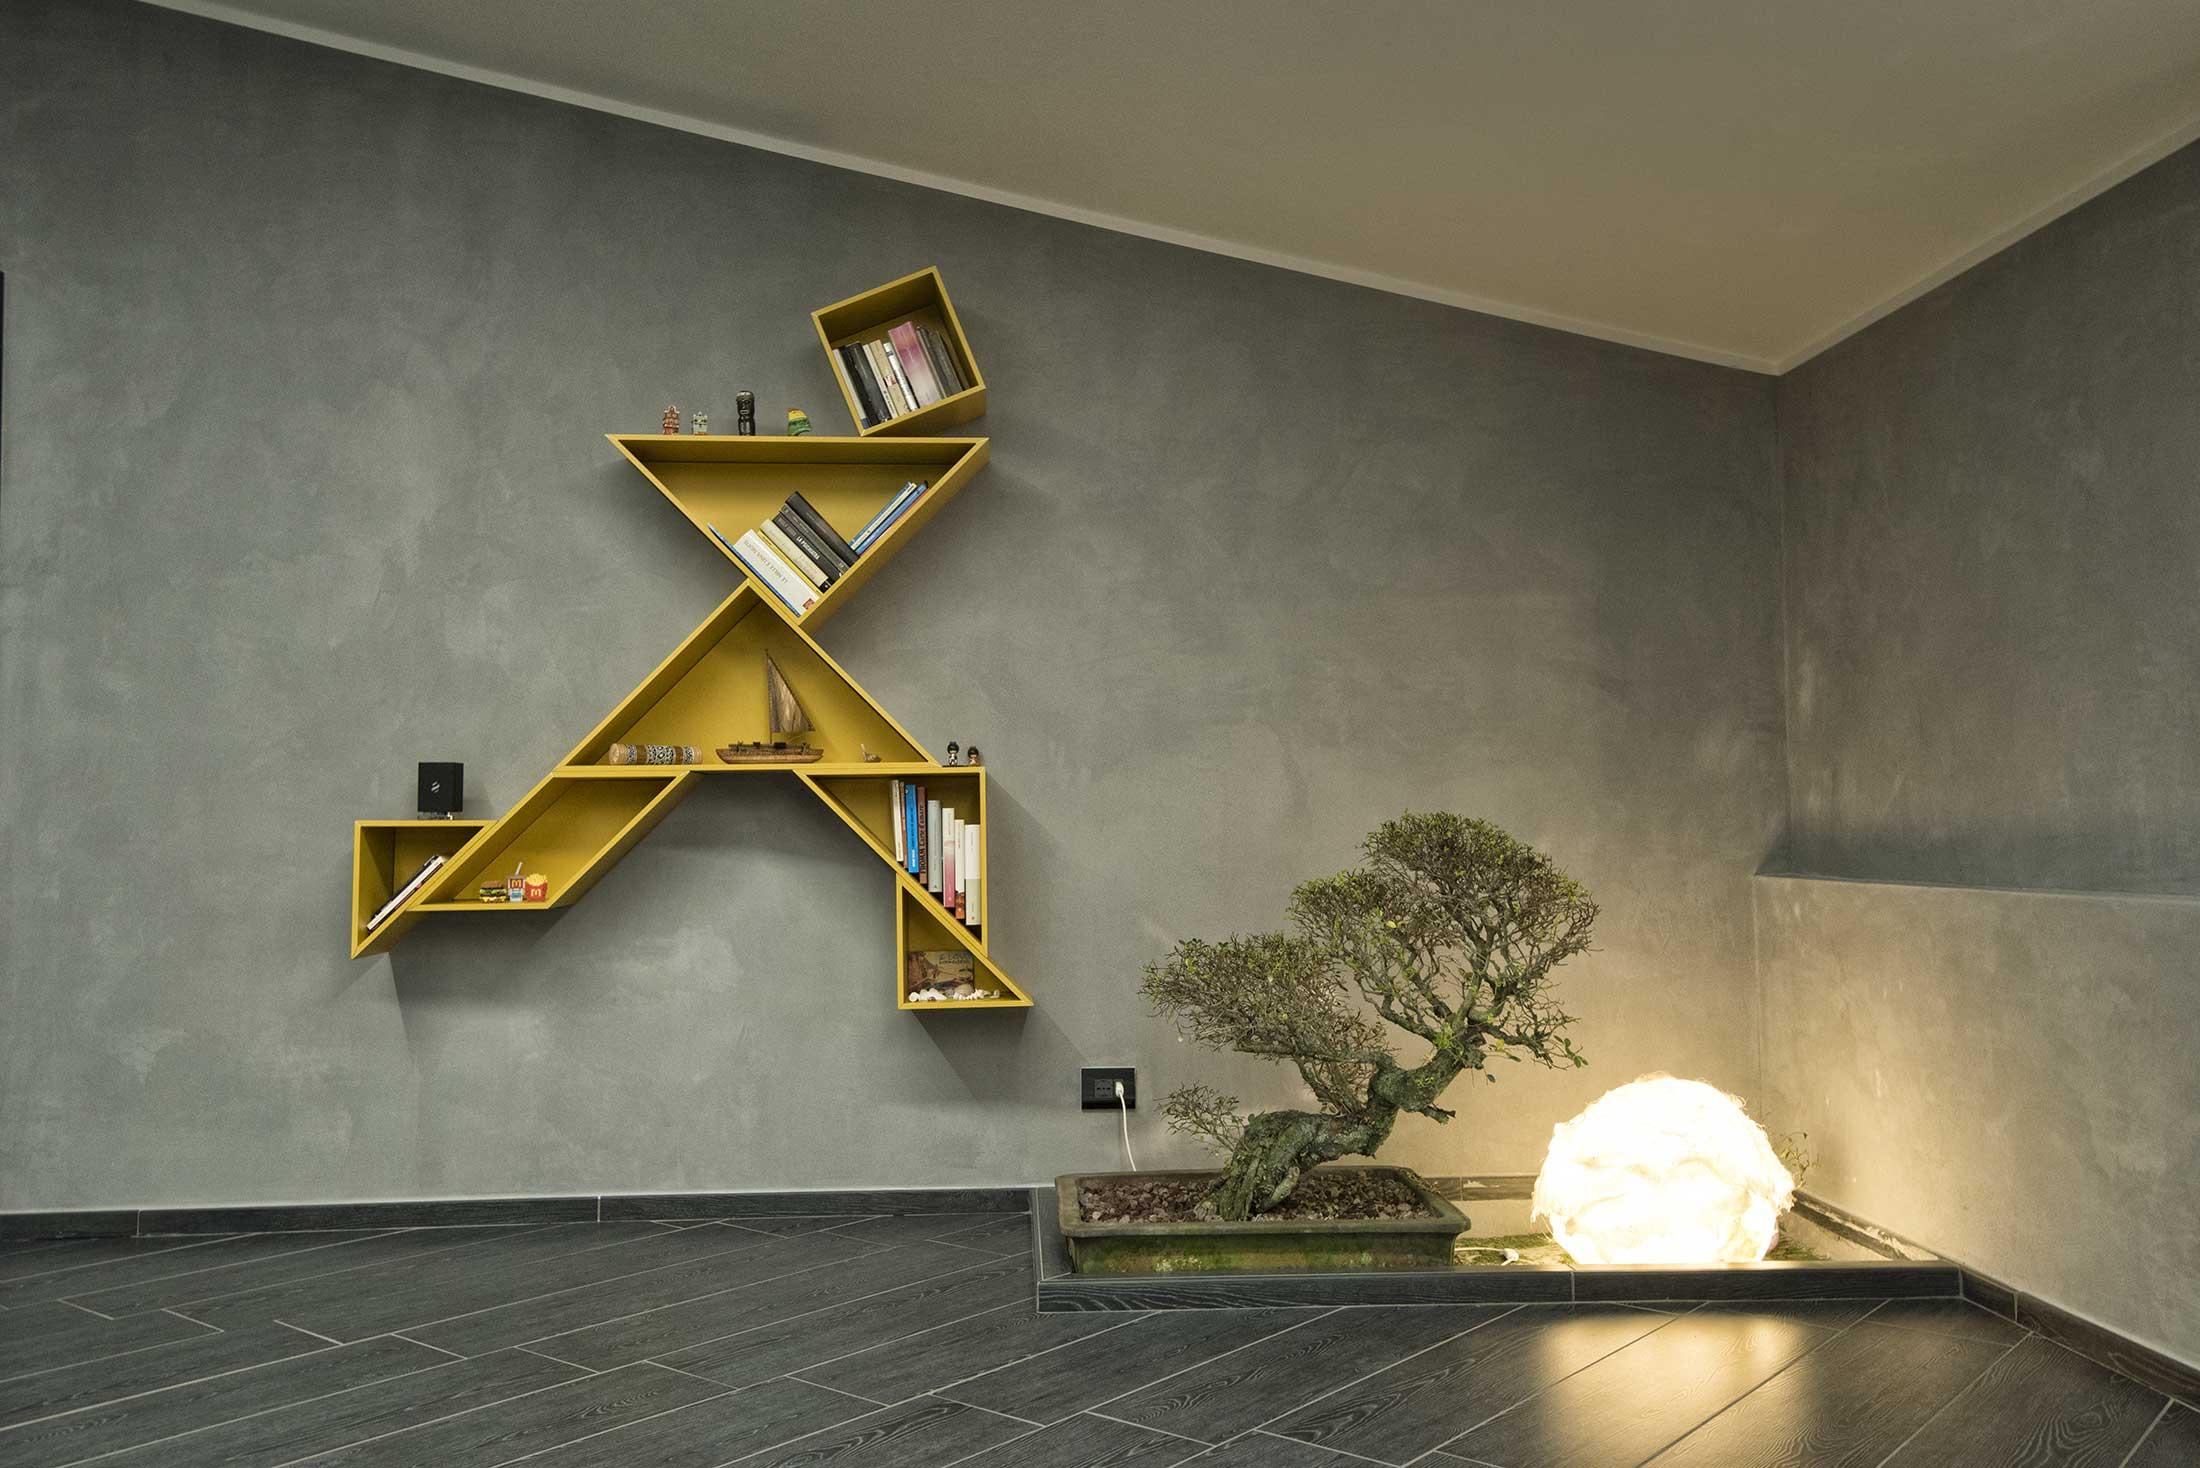 progetti-architettura-design-Formia-Addessi-Design-progettazione (10)